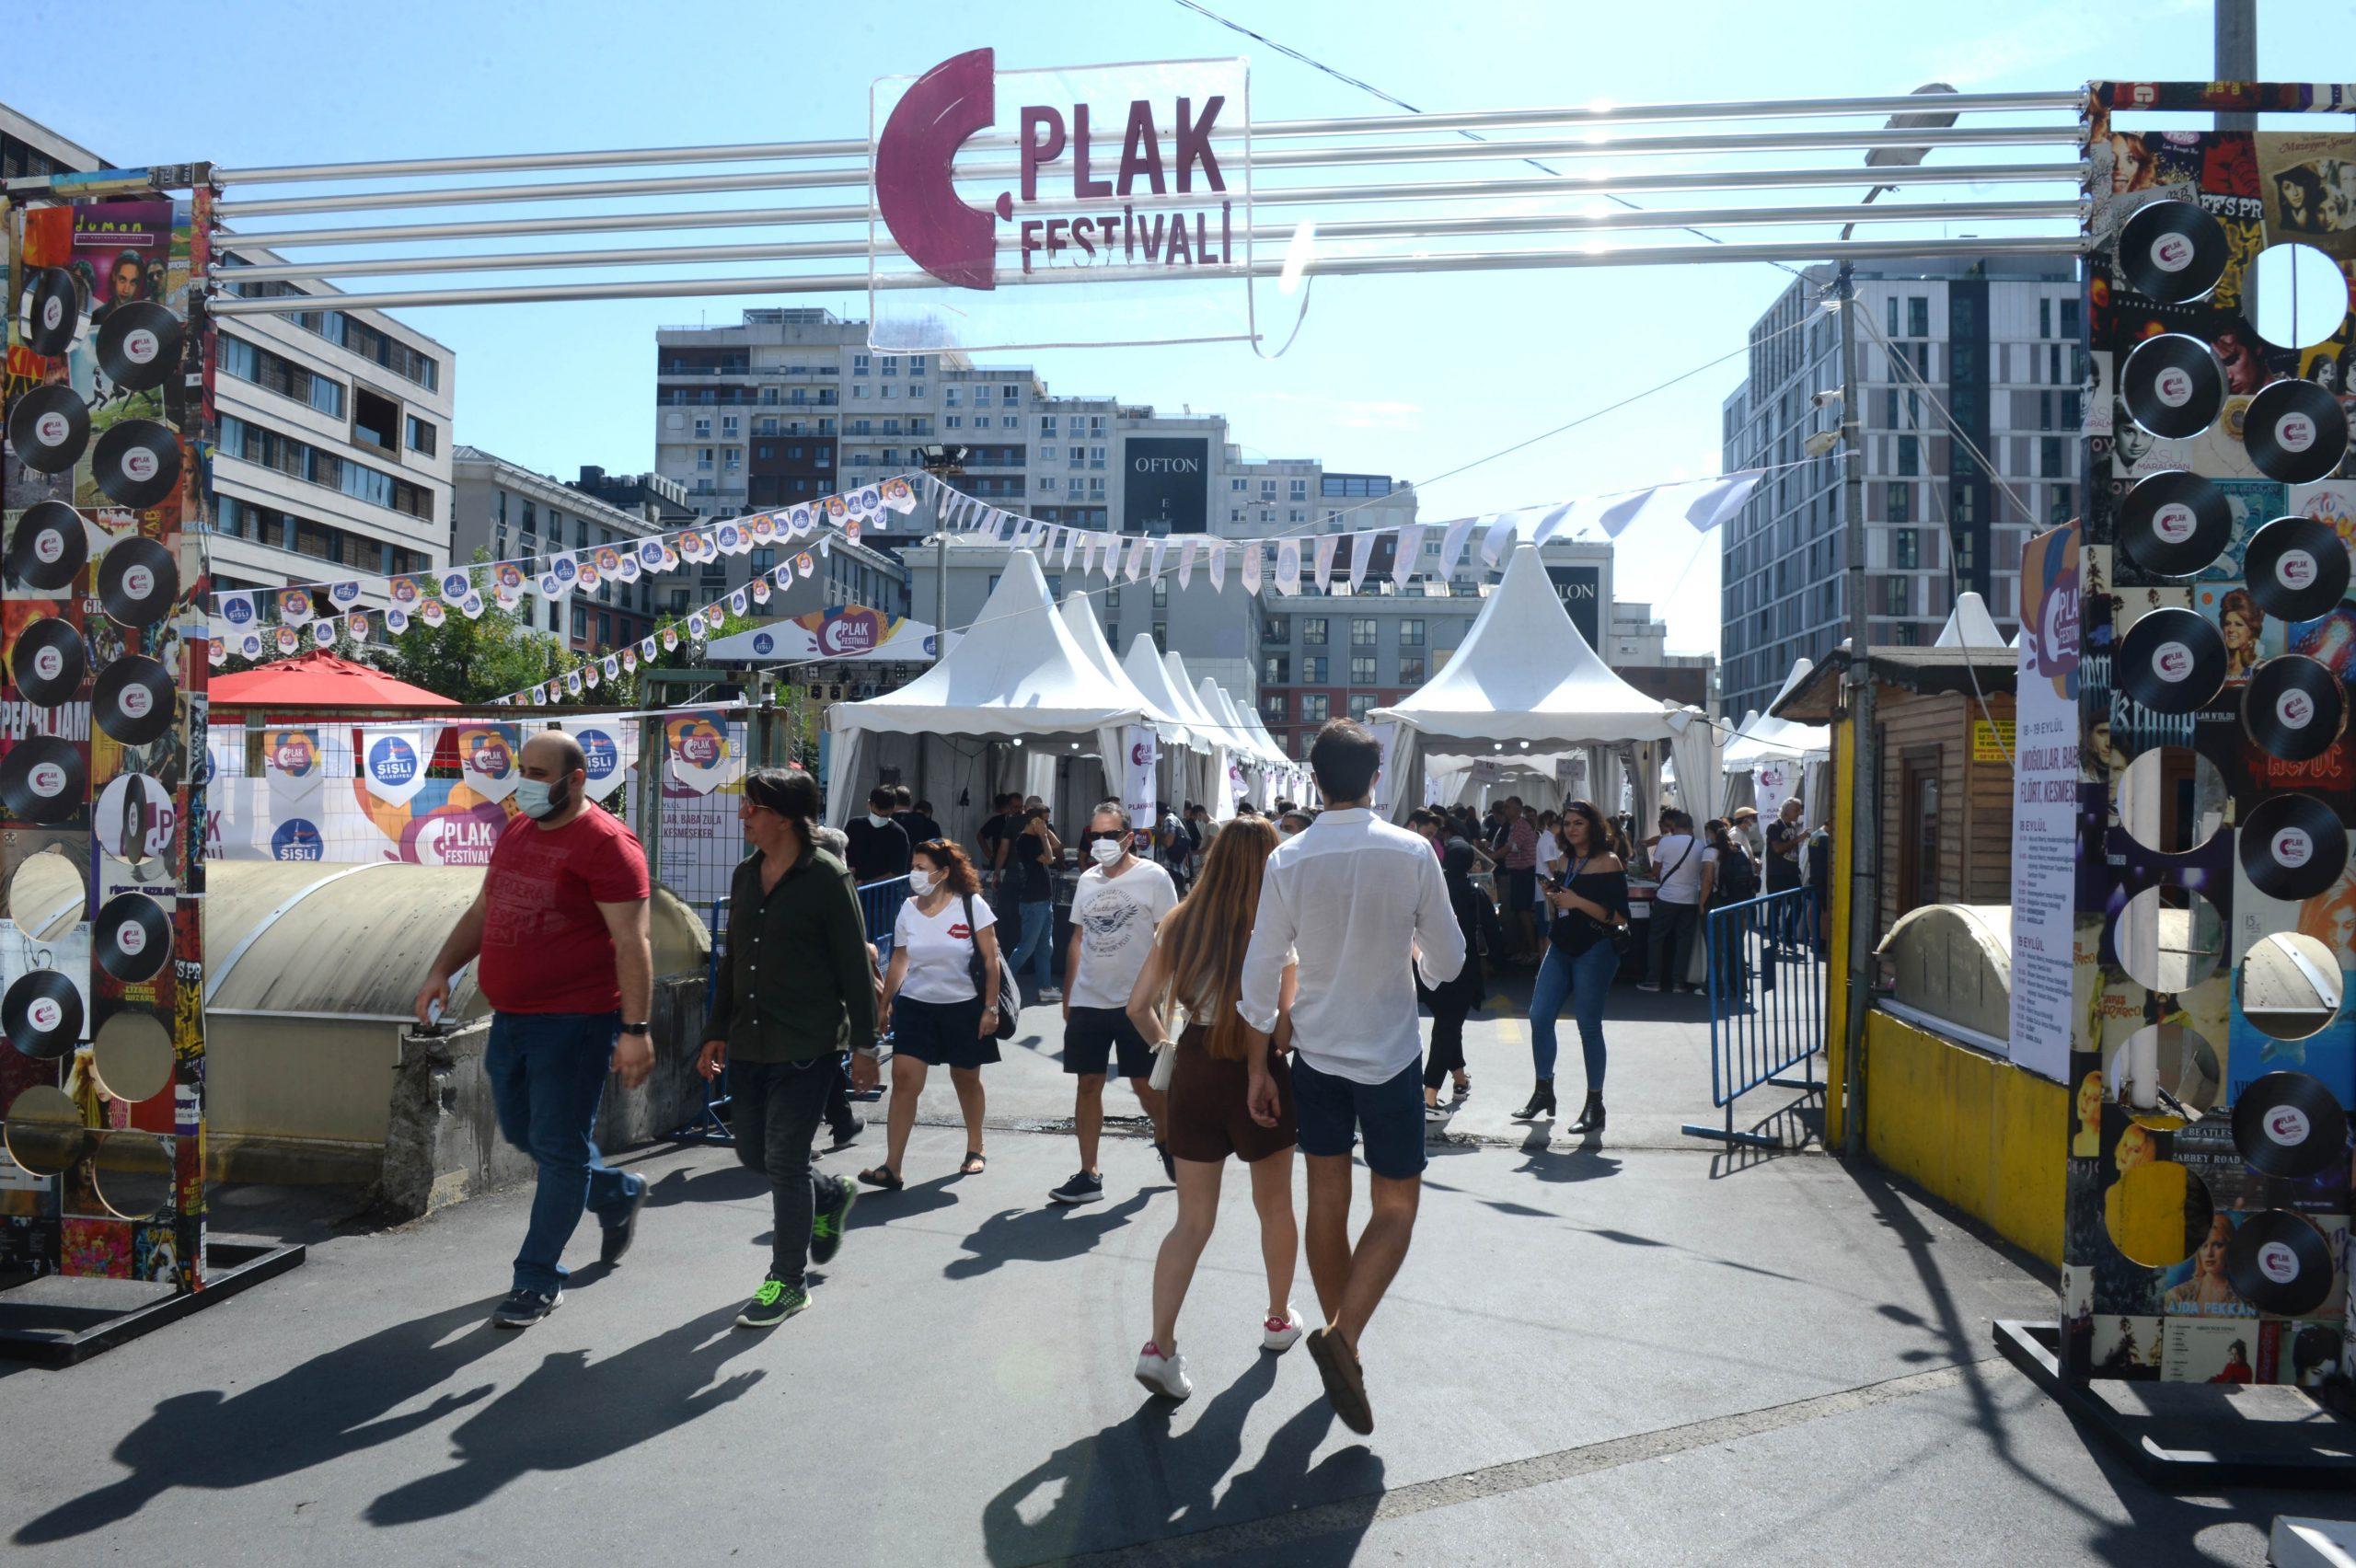 Şişli Plak Festivali Yoğun İlgi Gördü